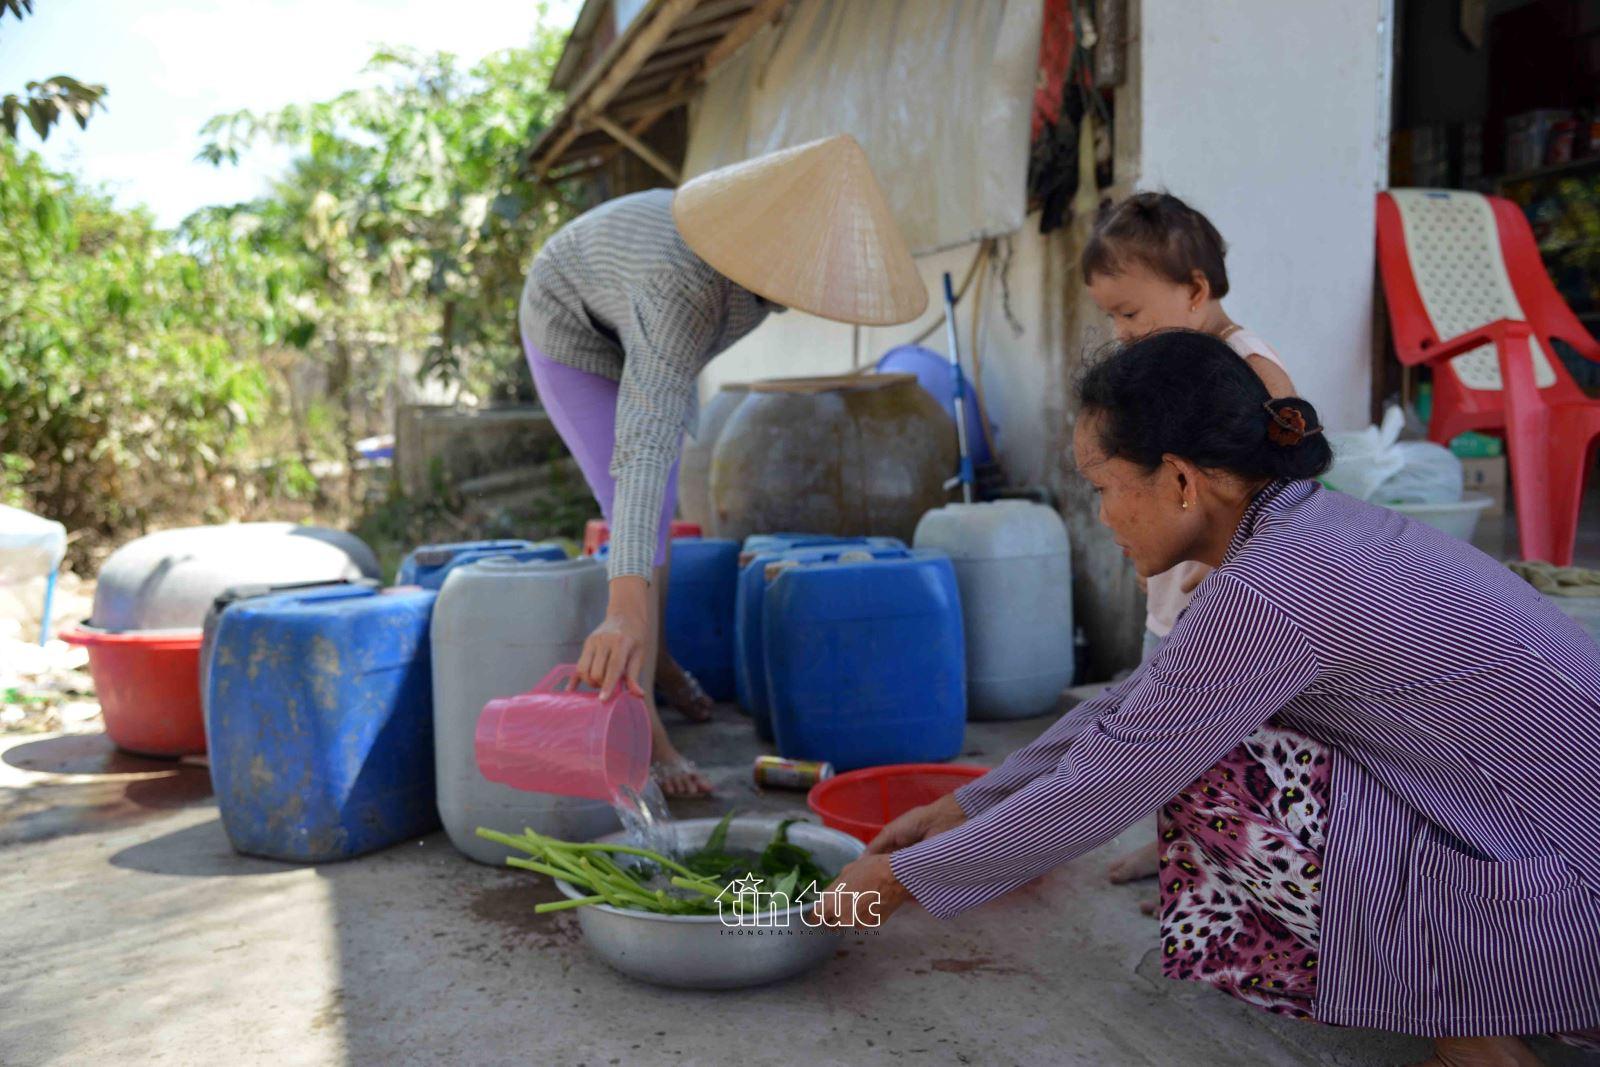 Nước sạch được phát miễn phí được gia đình cô Nguyễn Thị Lợi ấp 5, xã Tân Phước dùng rất tiết kiệm trong sinh hoạt.